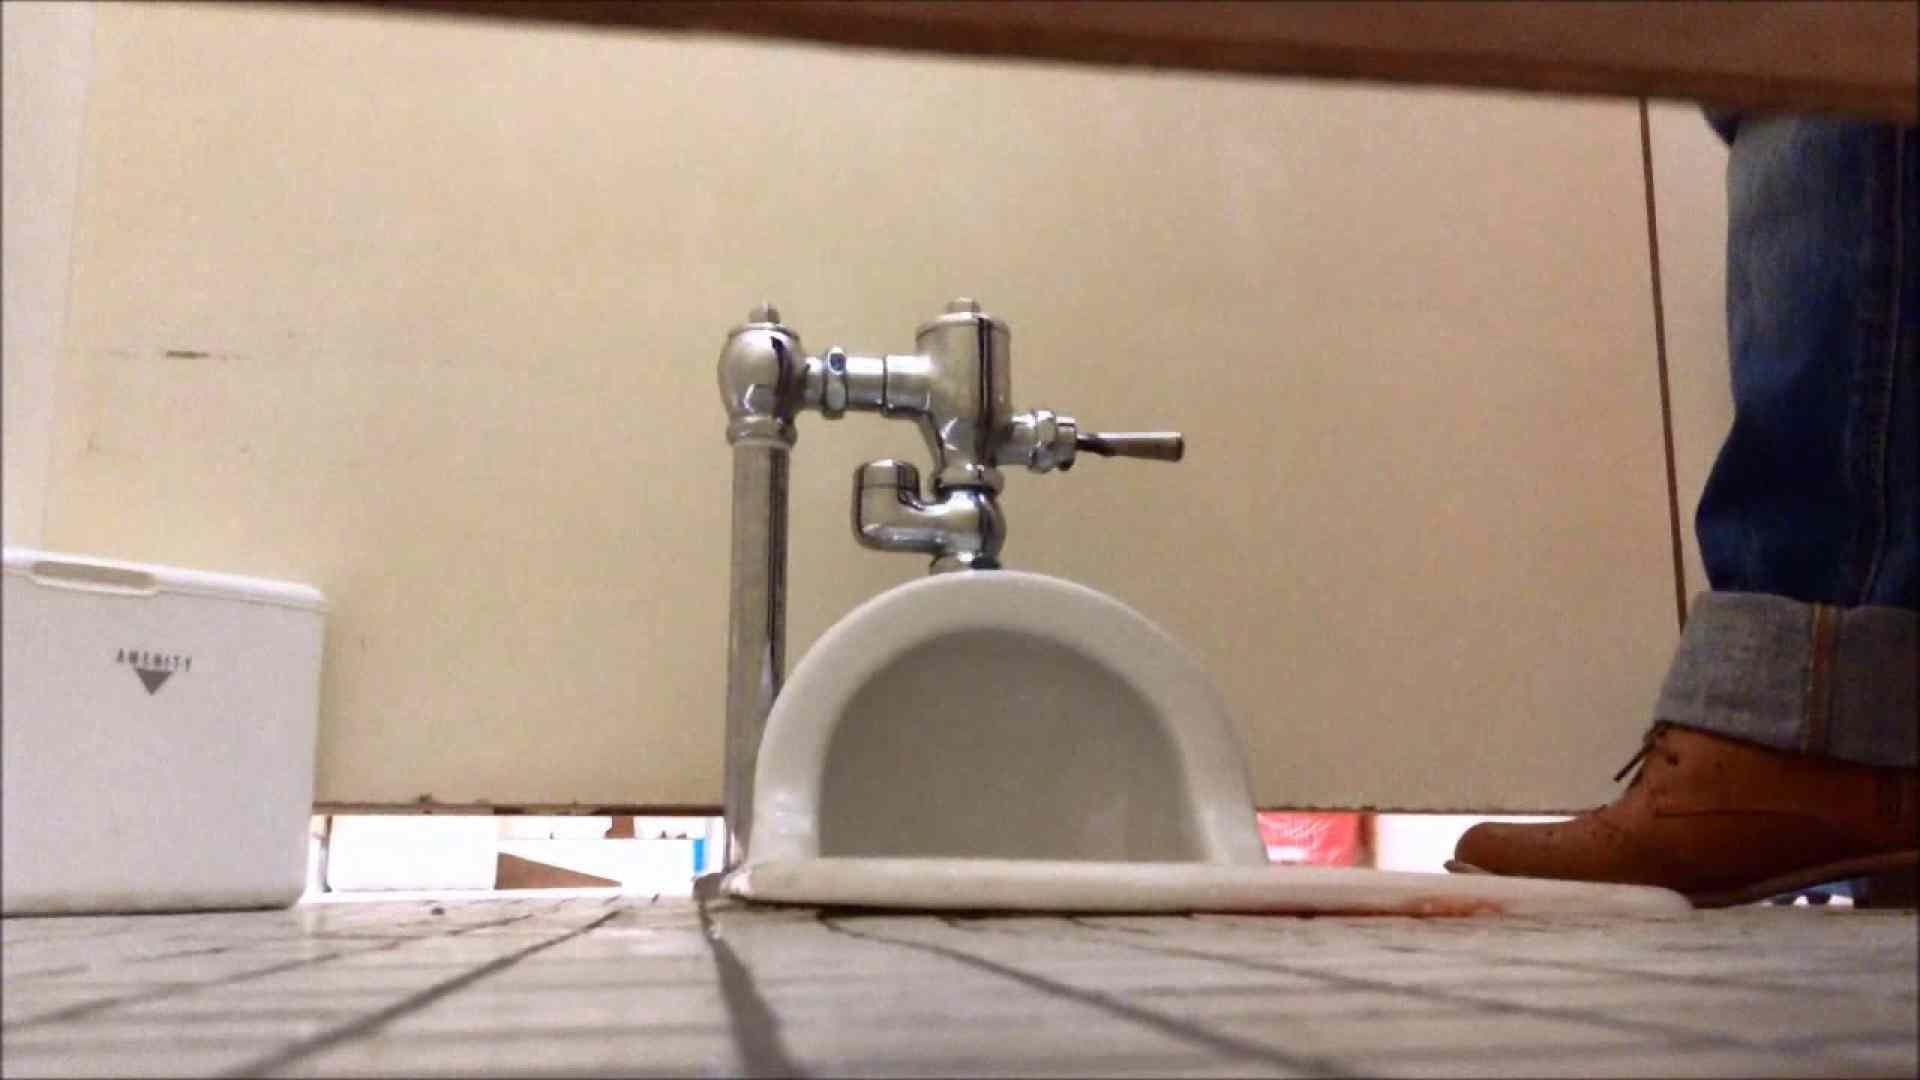 某有名大学女性洗面所 vol.08 洗面所 | 潜入シリーズ  50pic 9